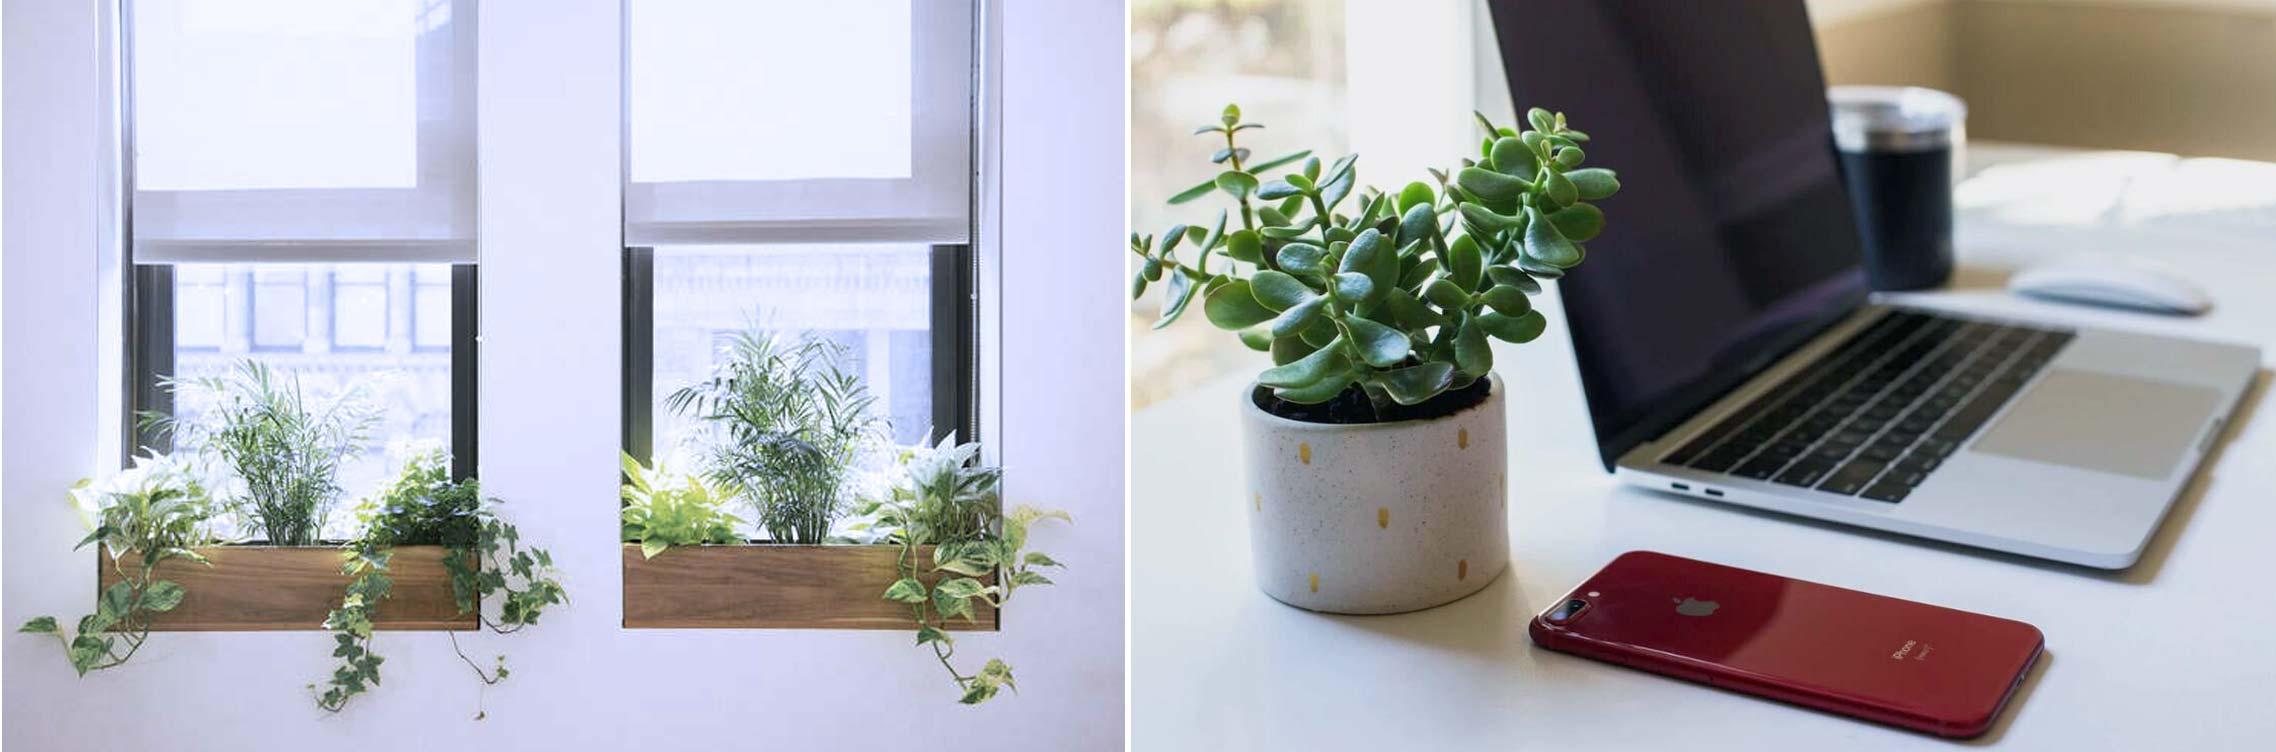 2- کاربرد و استفاده - گیاهان آپارتمانی - indoor plants - office plants - تجهیزات دکوراسیون - استفاده از گیاهان آپارتمانی - کاربرد گیاهان آپارتمانی